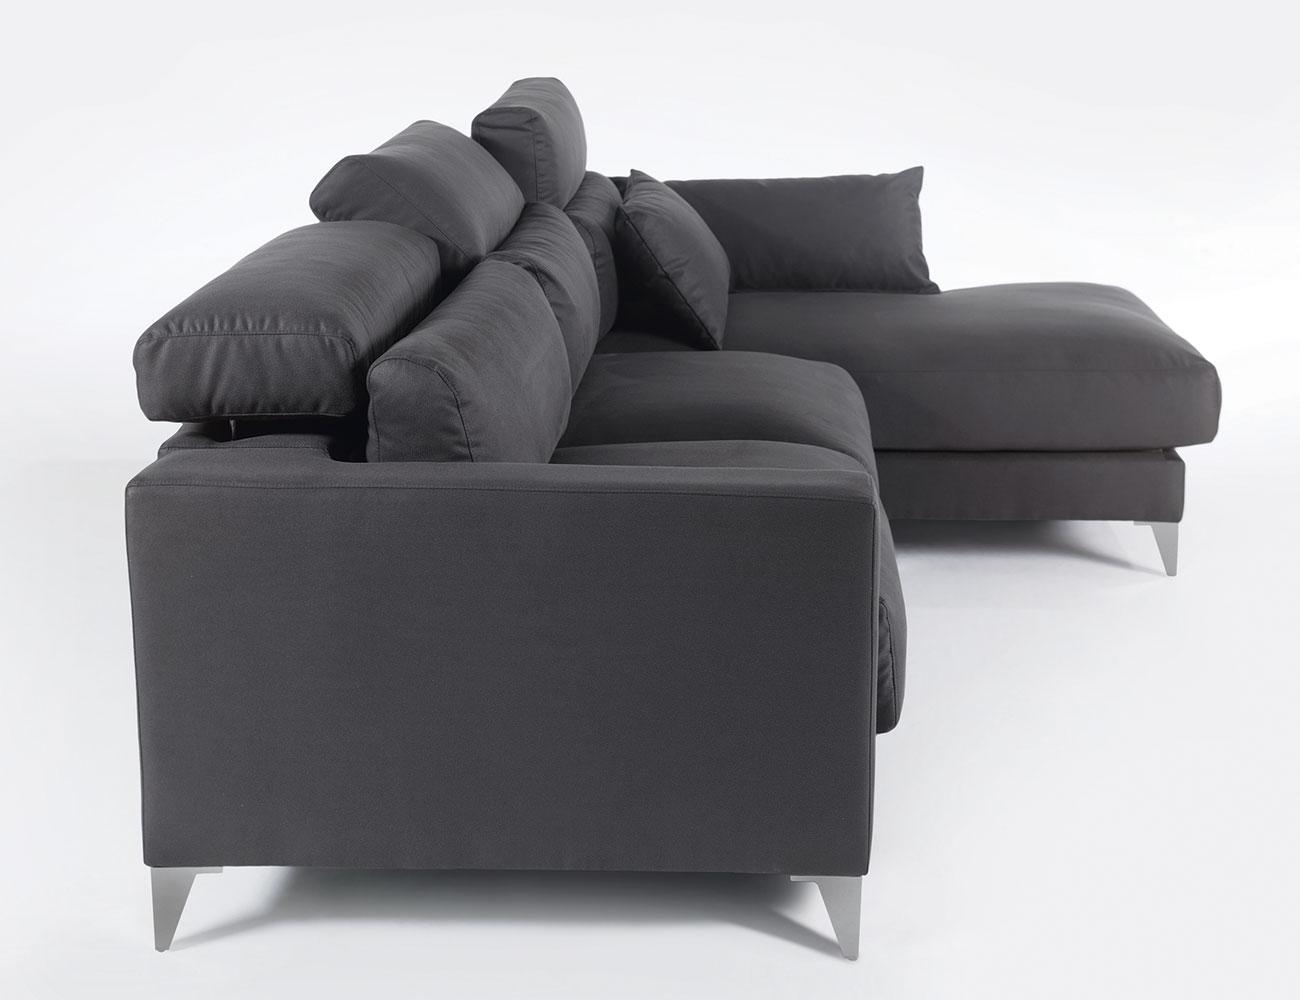 Sofa chaiselongue gran lujo decorativo grafito 14